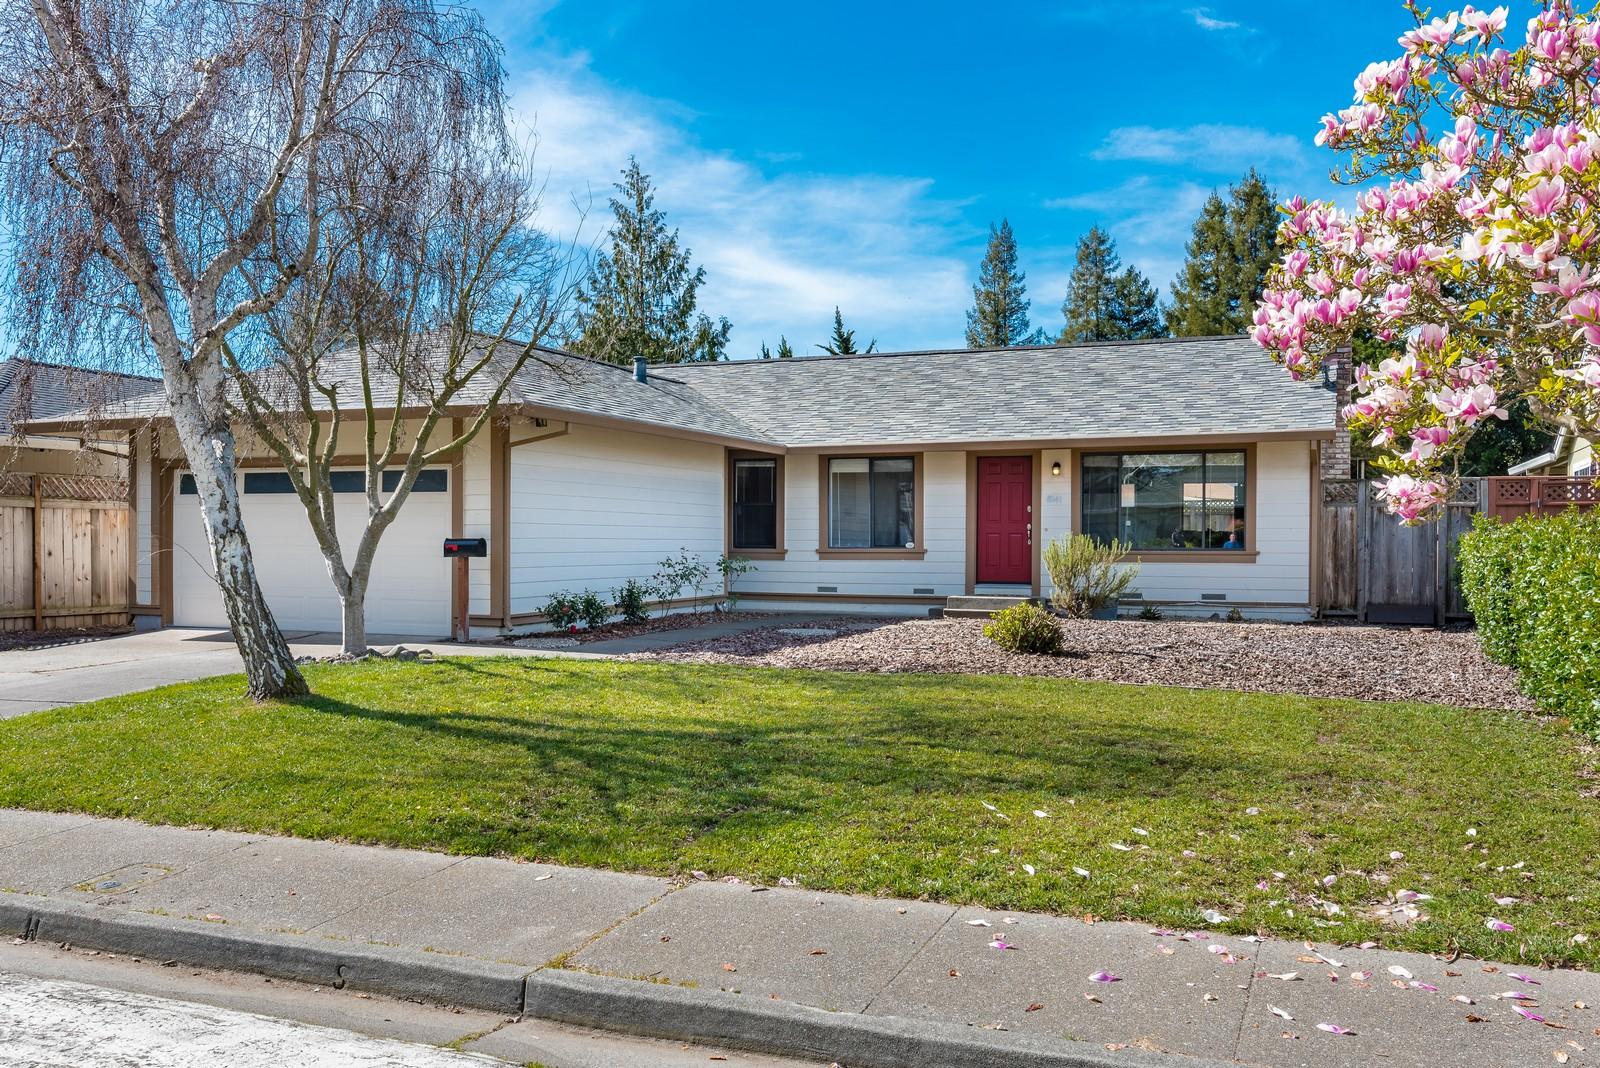 Частный односемейный дом для того Продажа на Cotati Charmer 8541 Lakewood Avenue Cotati, Калифорния 94931 Соединенные Штаты